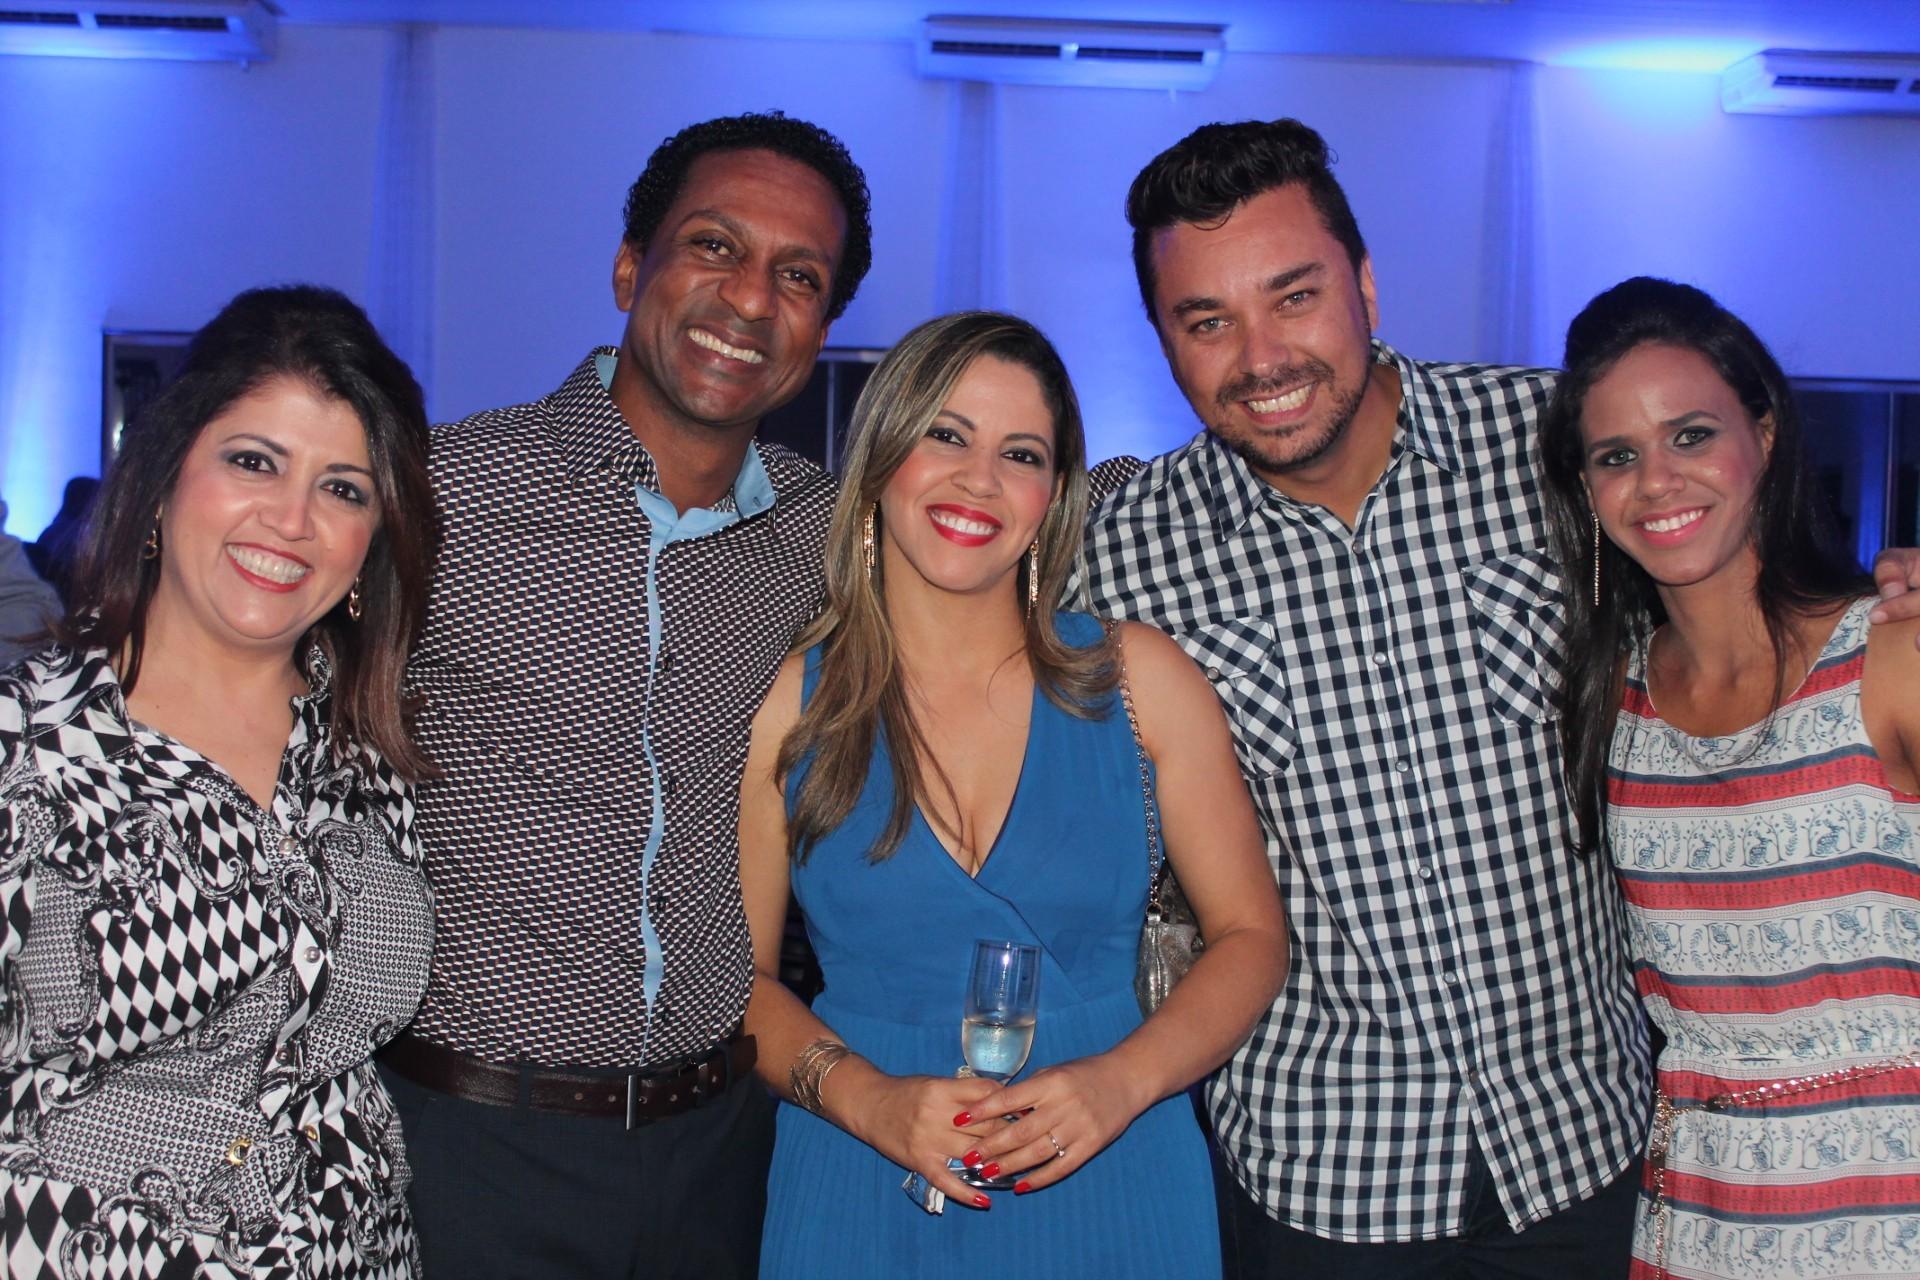 Mara e amigos na festa de lançamento do Canal Digital da TV Grande Rio (Foto: Gabriela Canário)